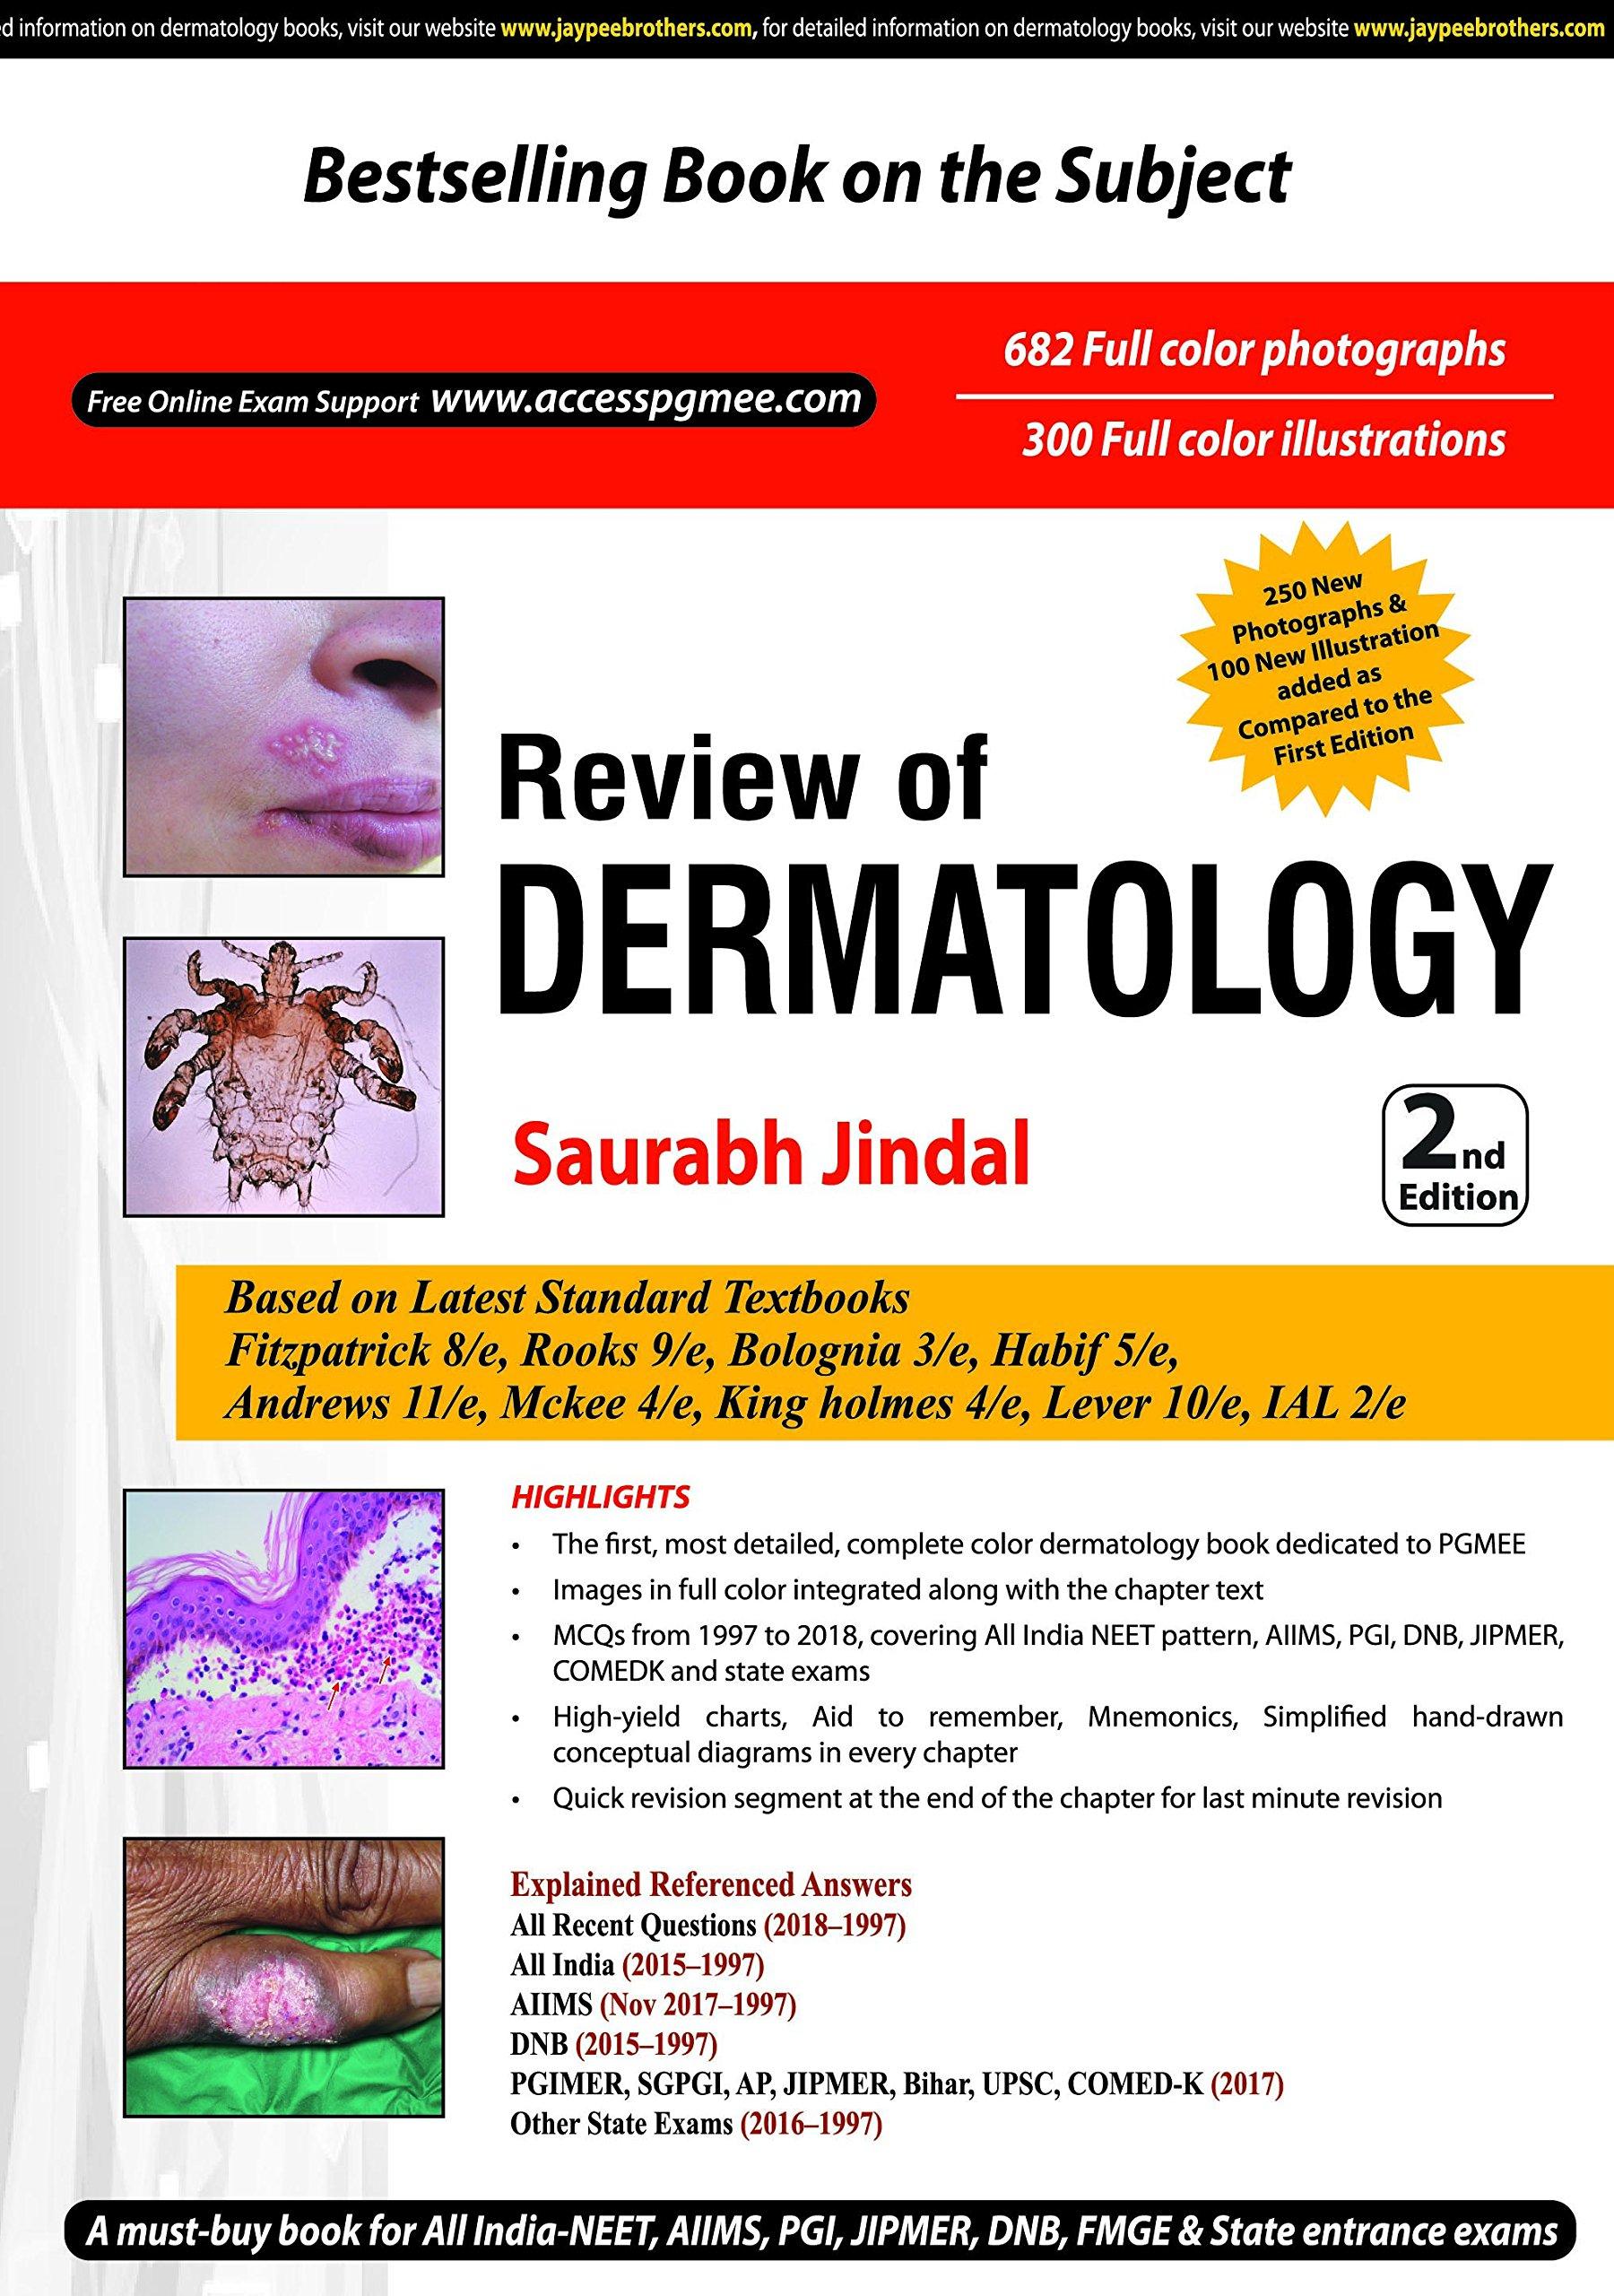 Buy Review of Dermatology: Dermatology Saurabh Jindal Book